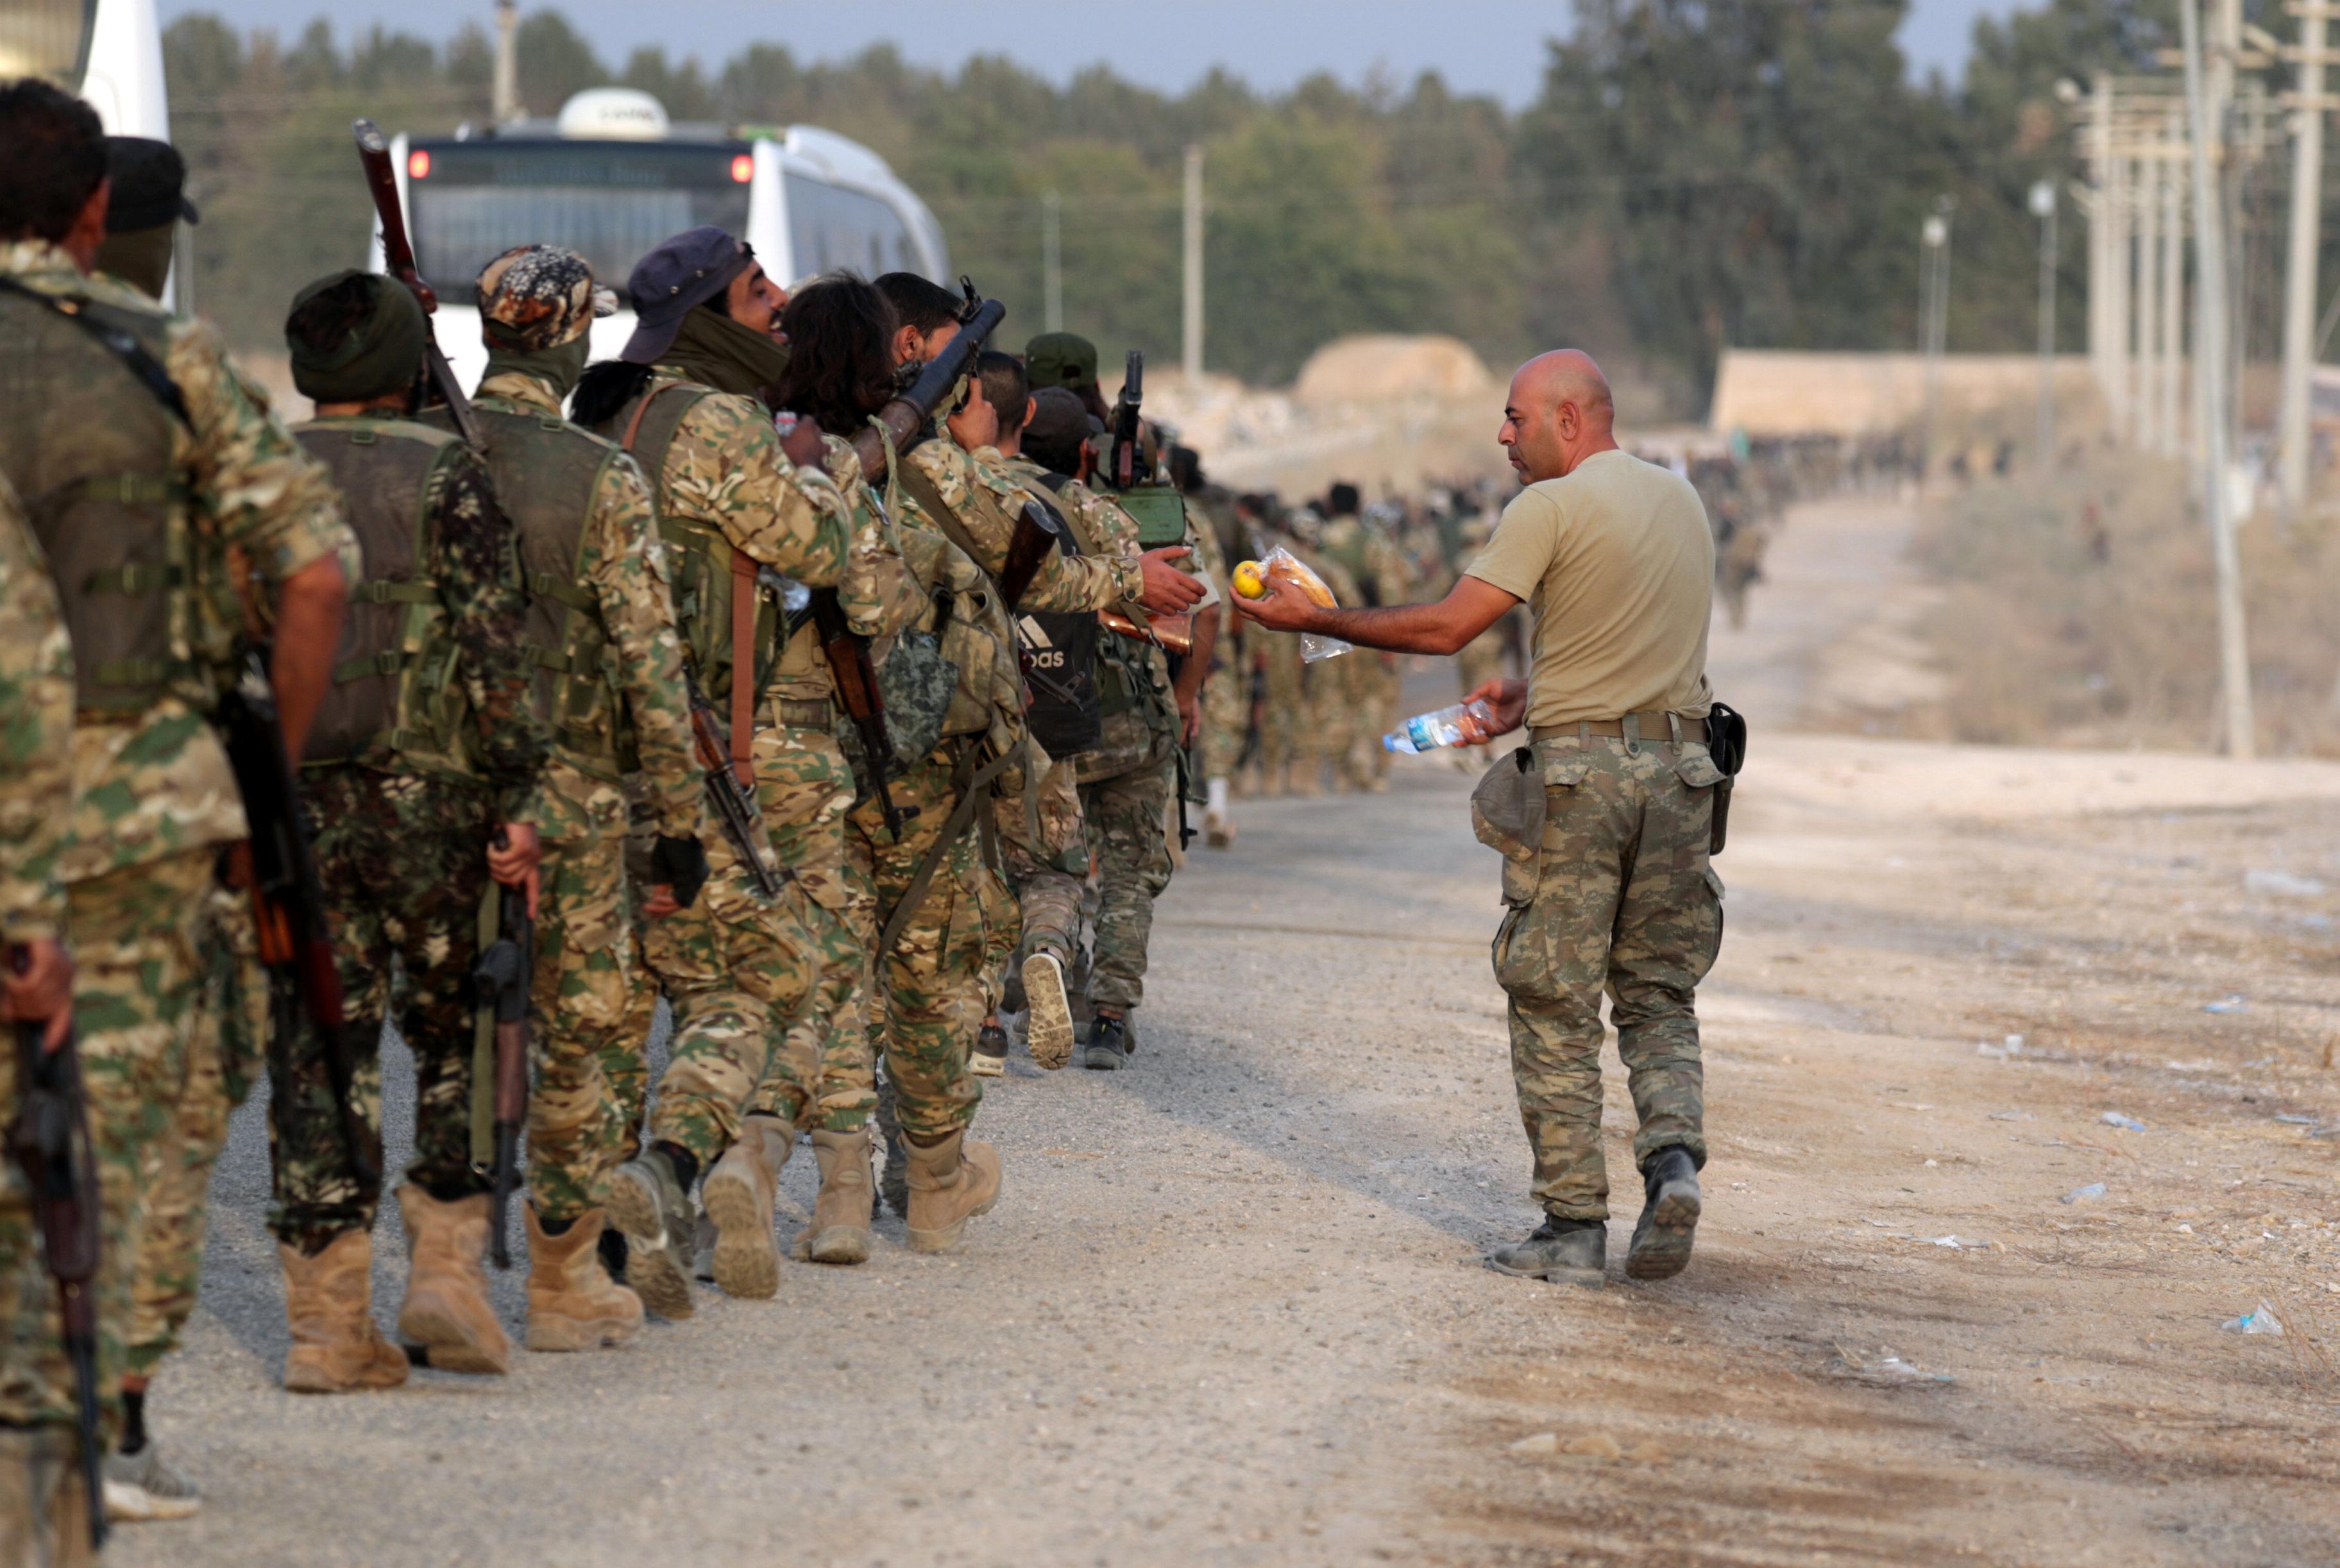 مقاتلون من فصائل سورية مدعومة من تركيا قبل انطلاق عملية نبع السلام -11 أكتوبر 2019